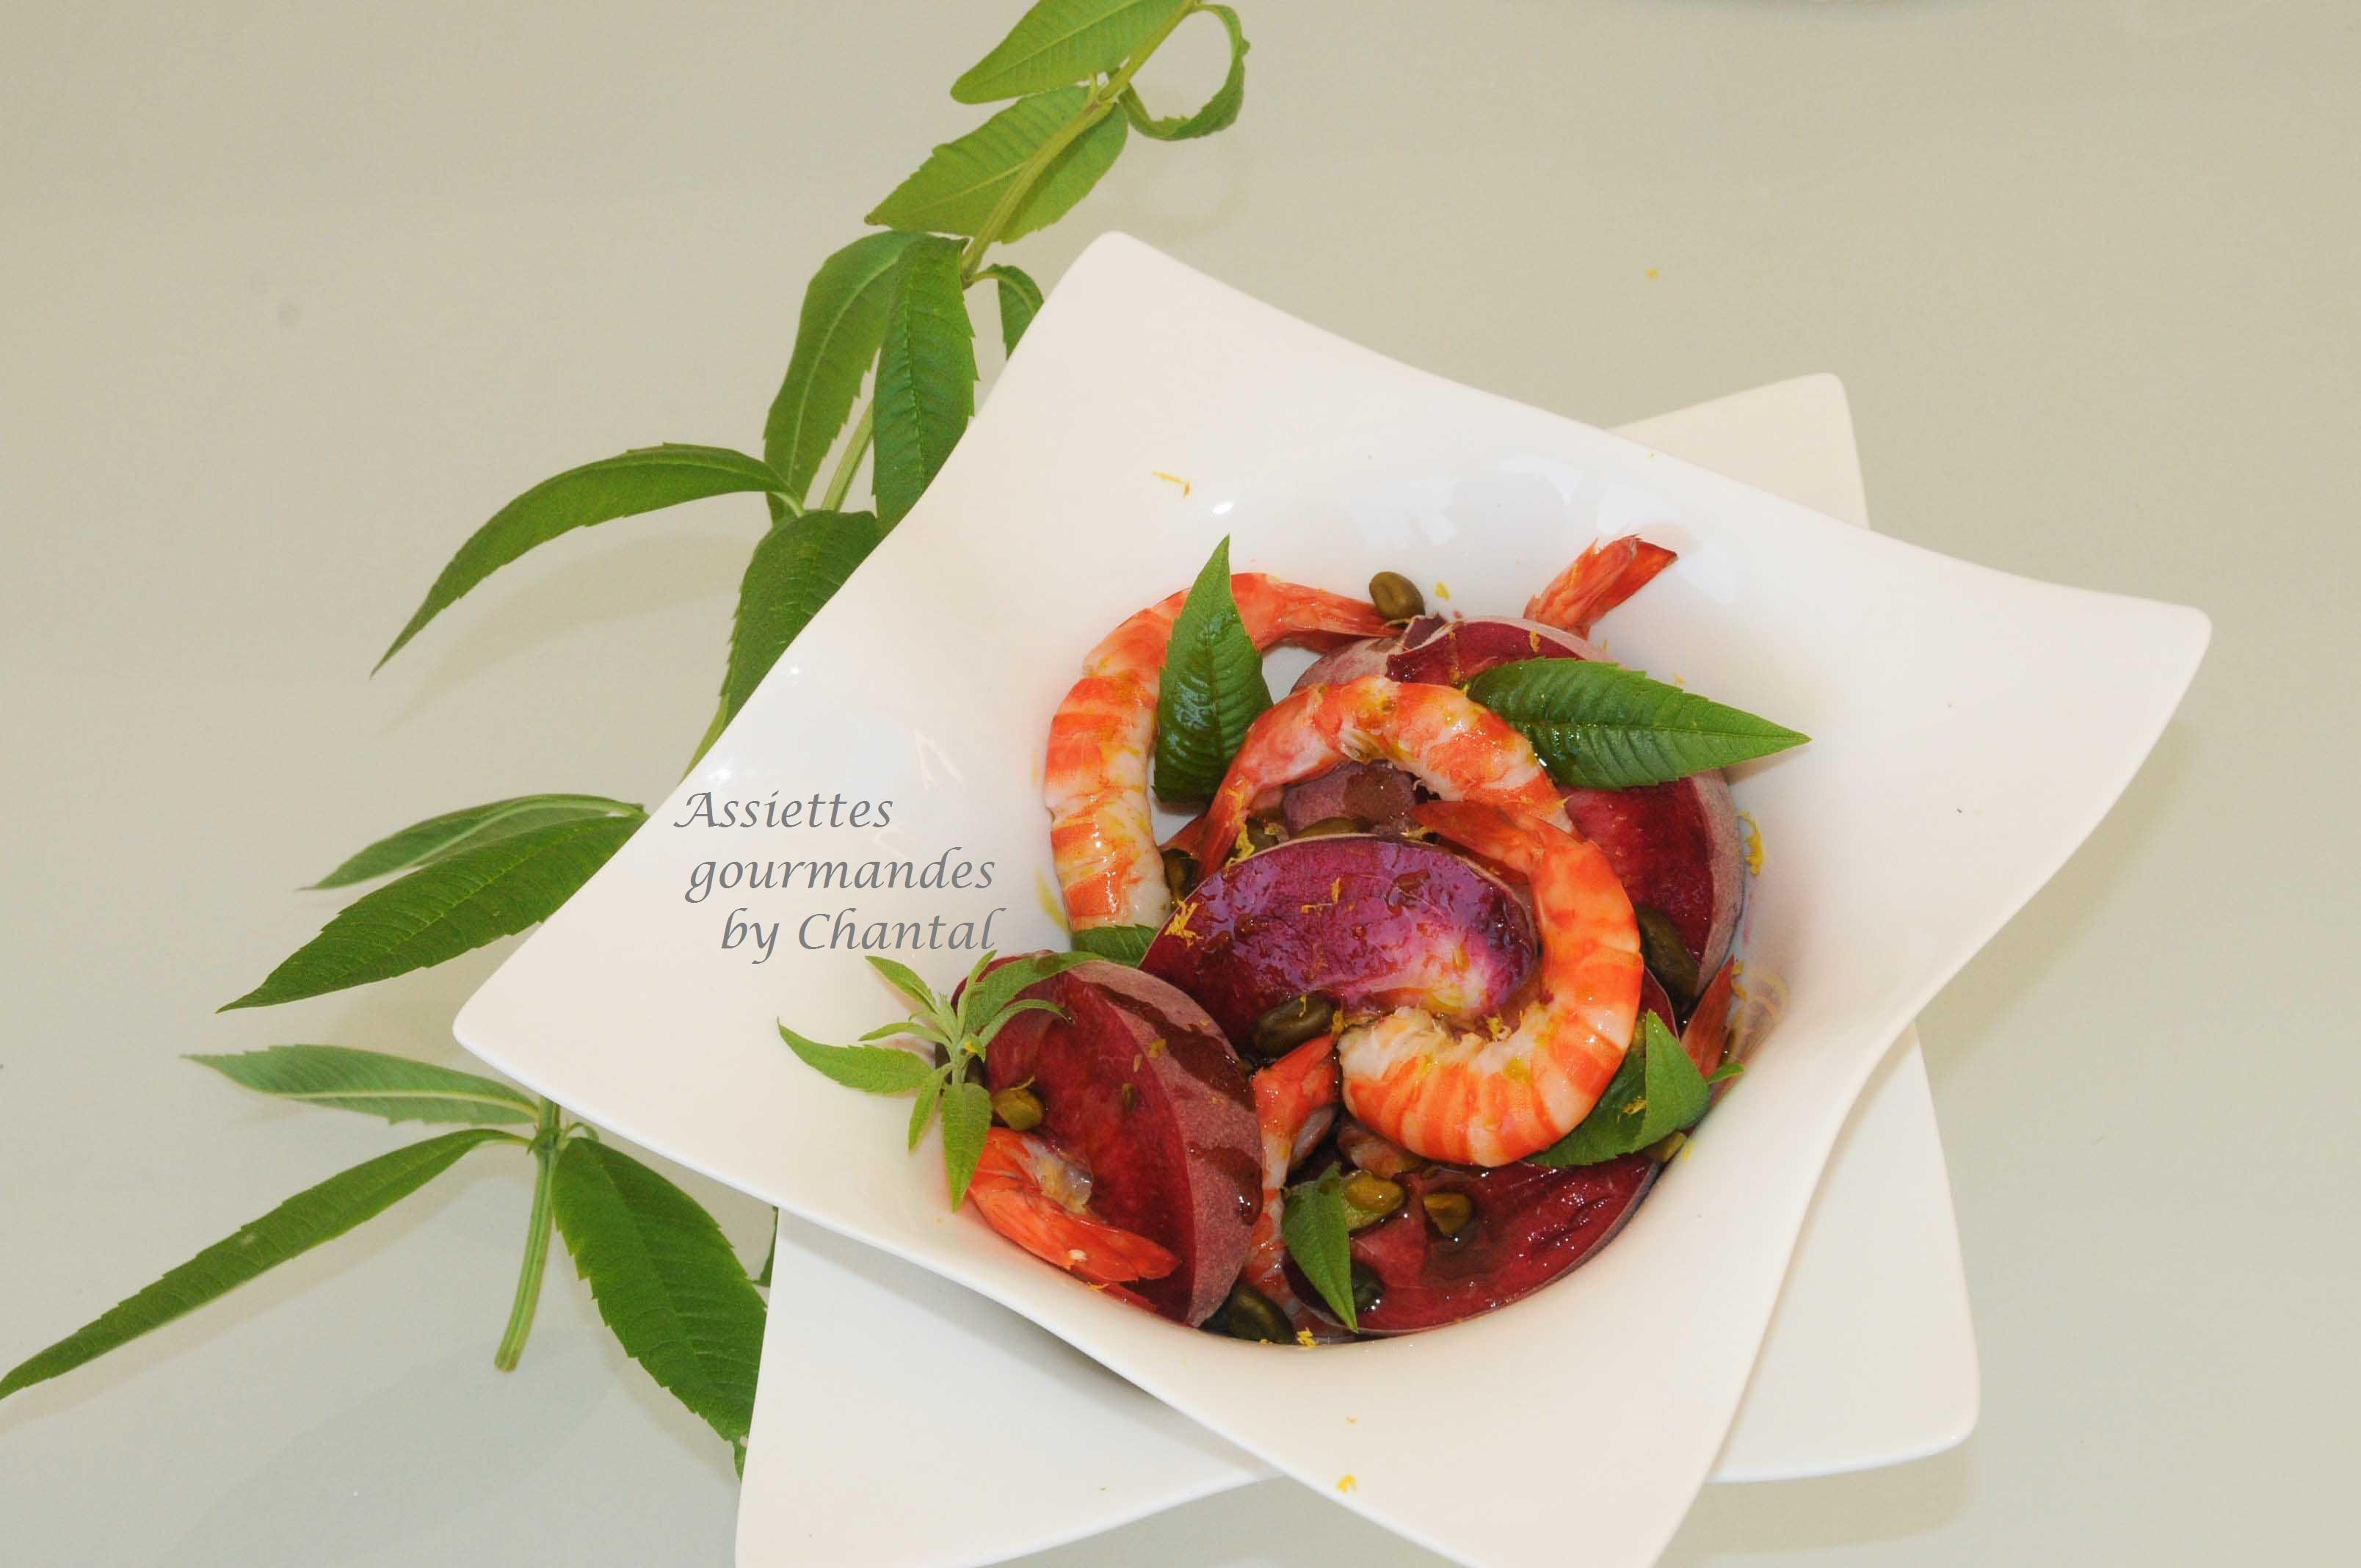 Salade pêches, crevettes et pistaches